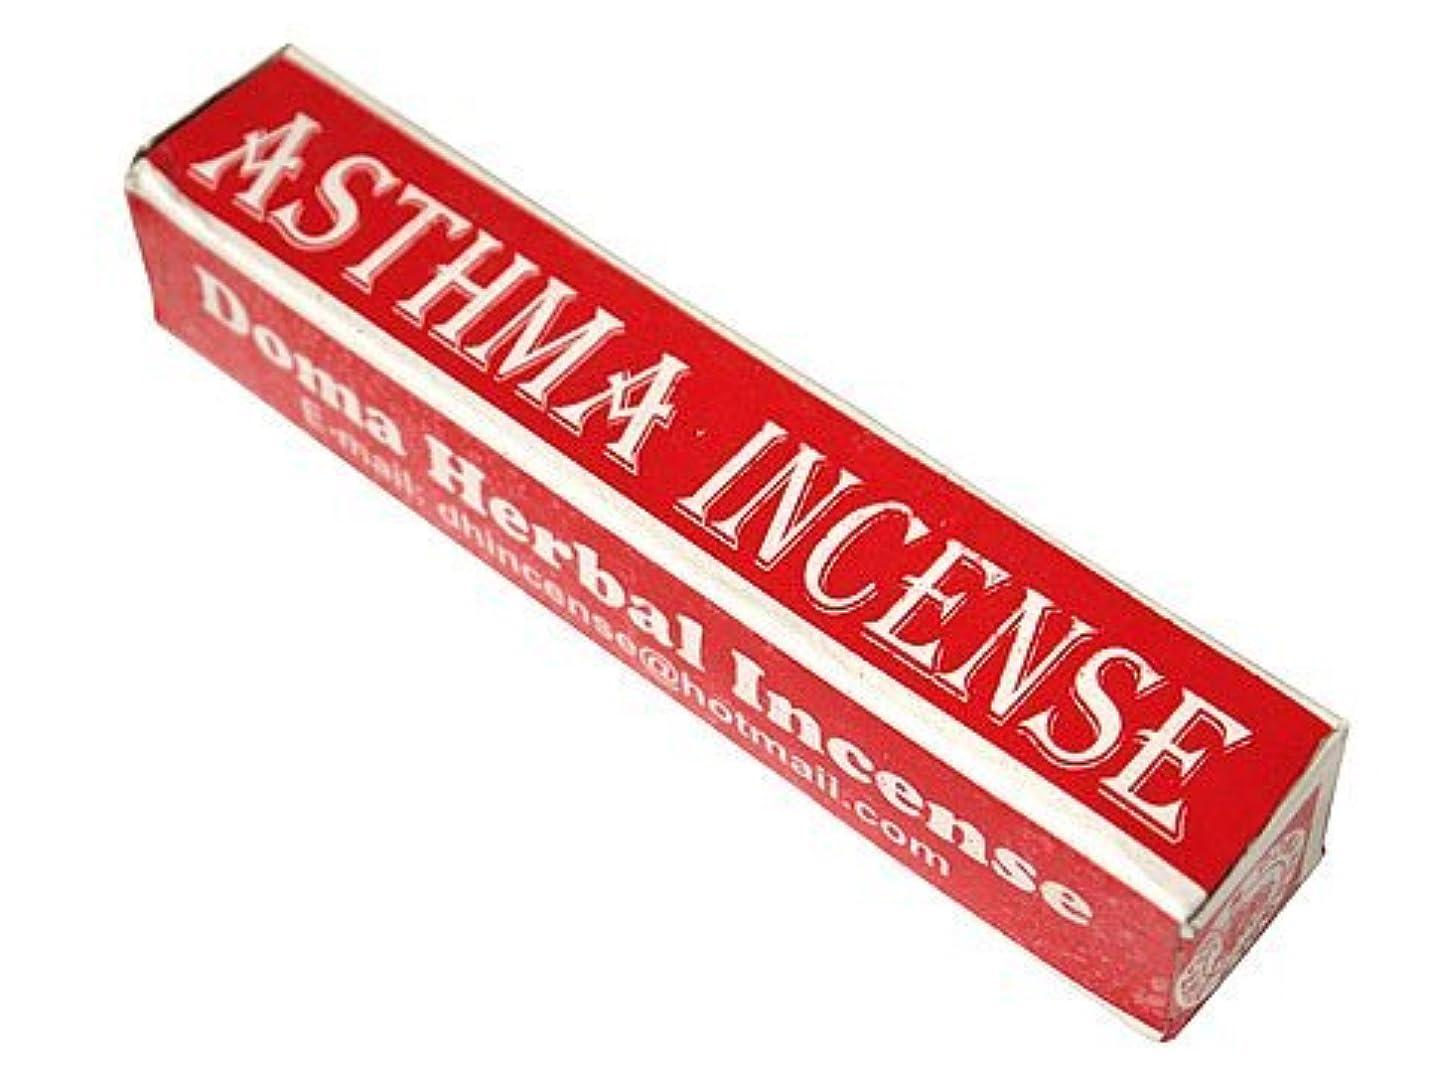 豊富寝てるオートドマハーバルインセンス Doma Herbal Incense【ASTHMA アスタマ】